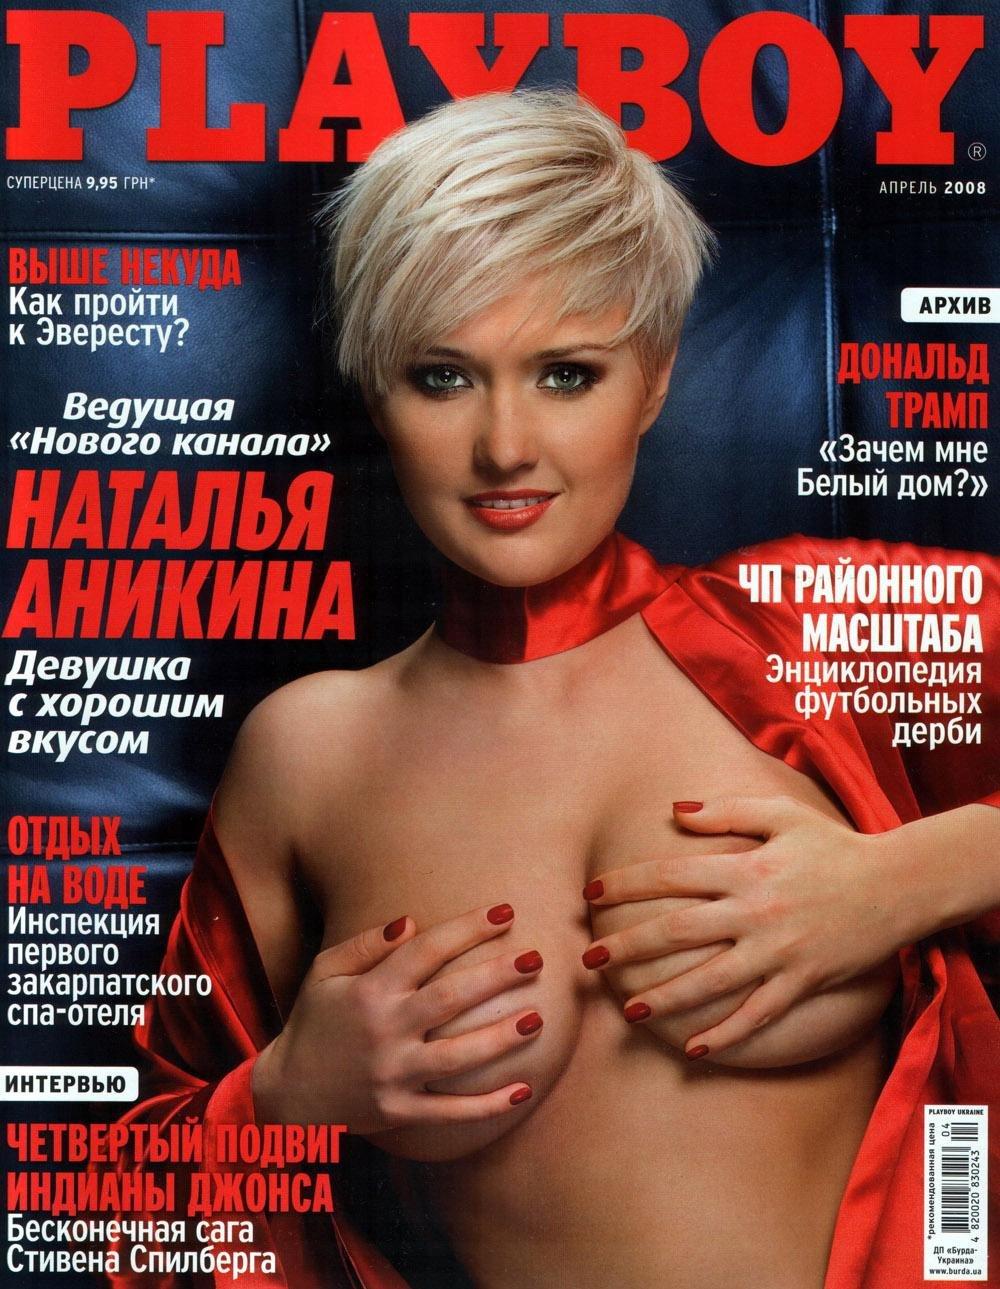 Наталья зиньковская порно будет